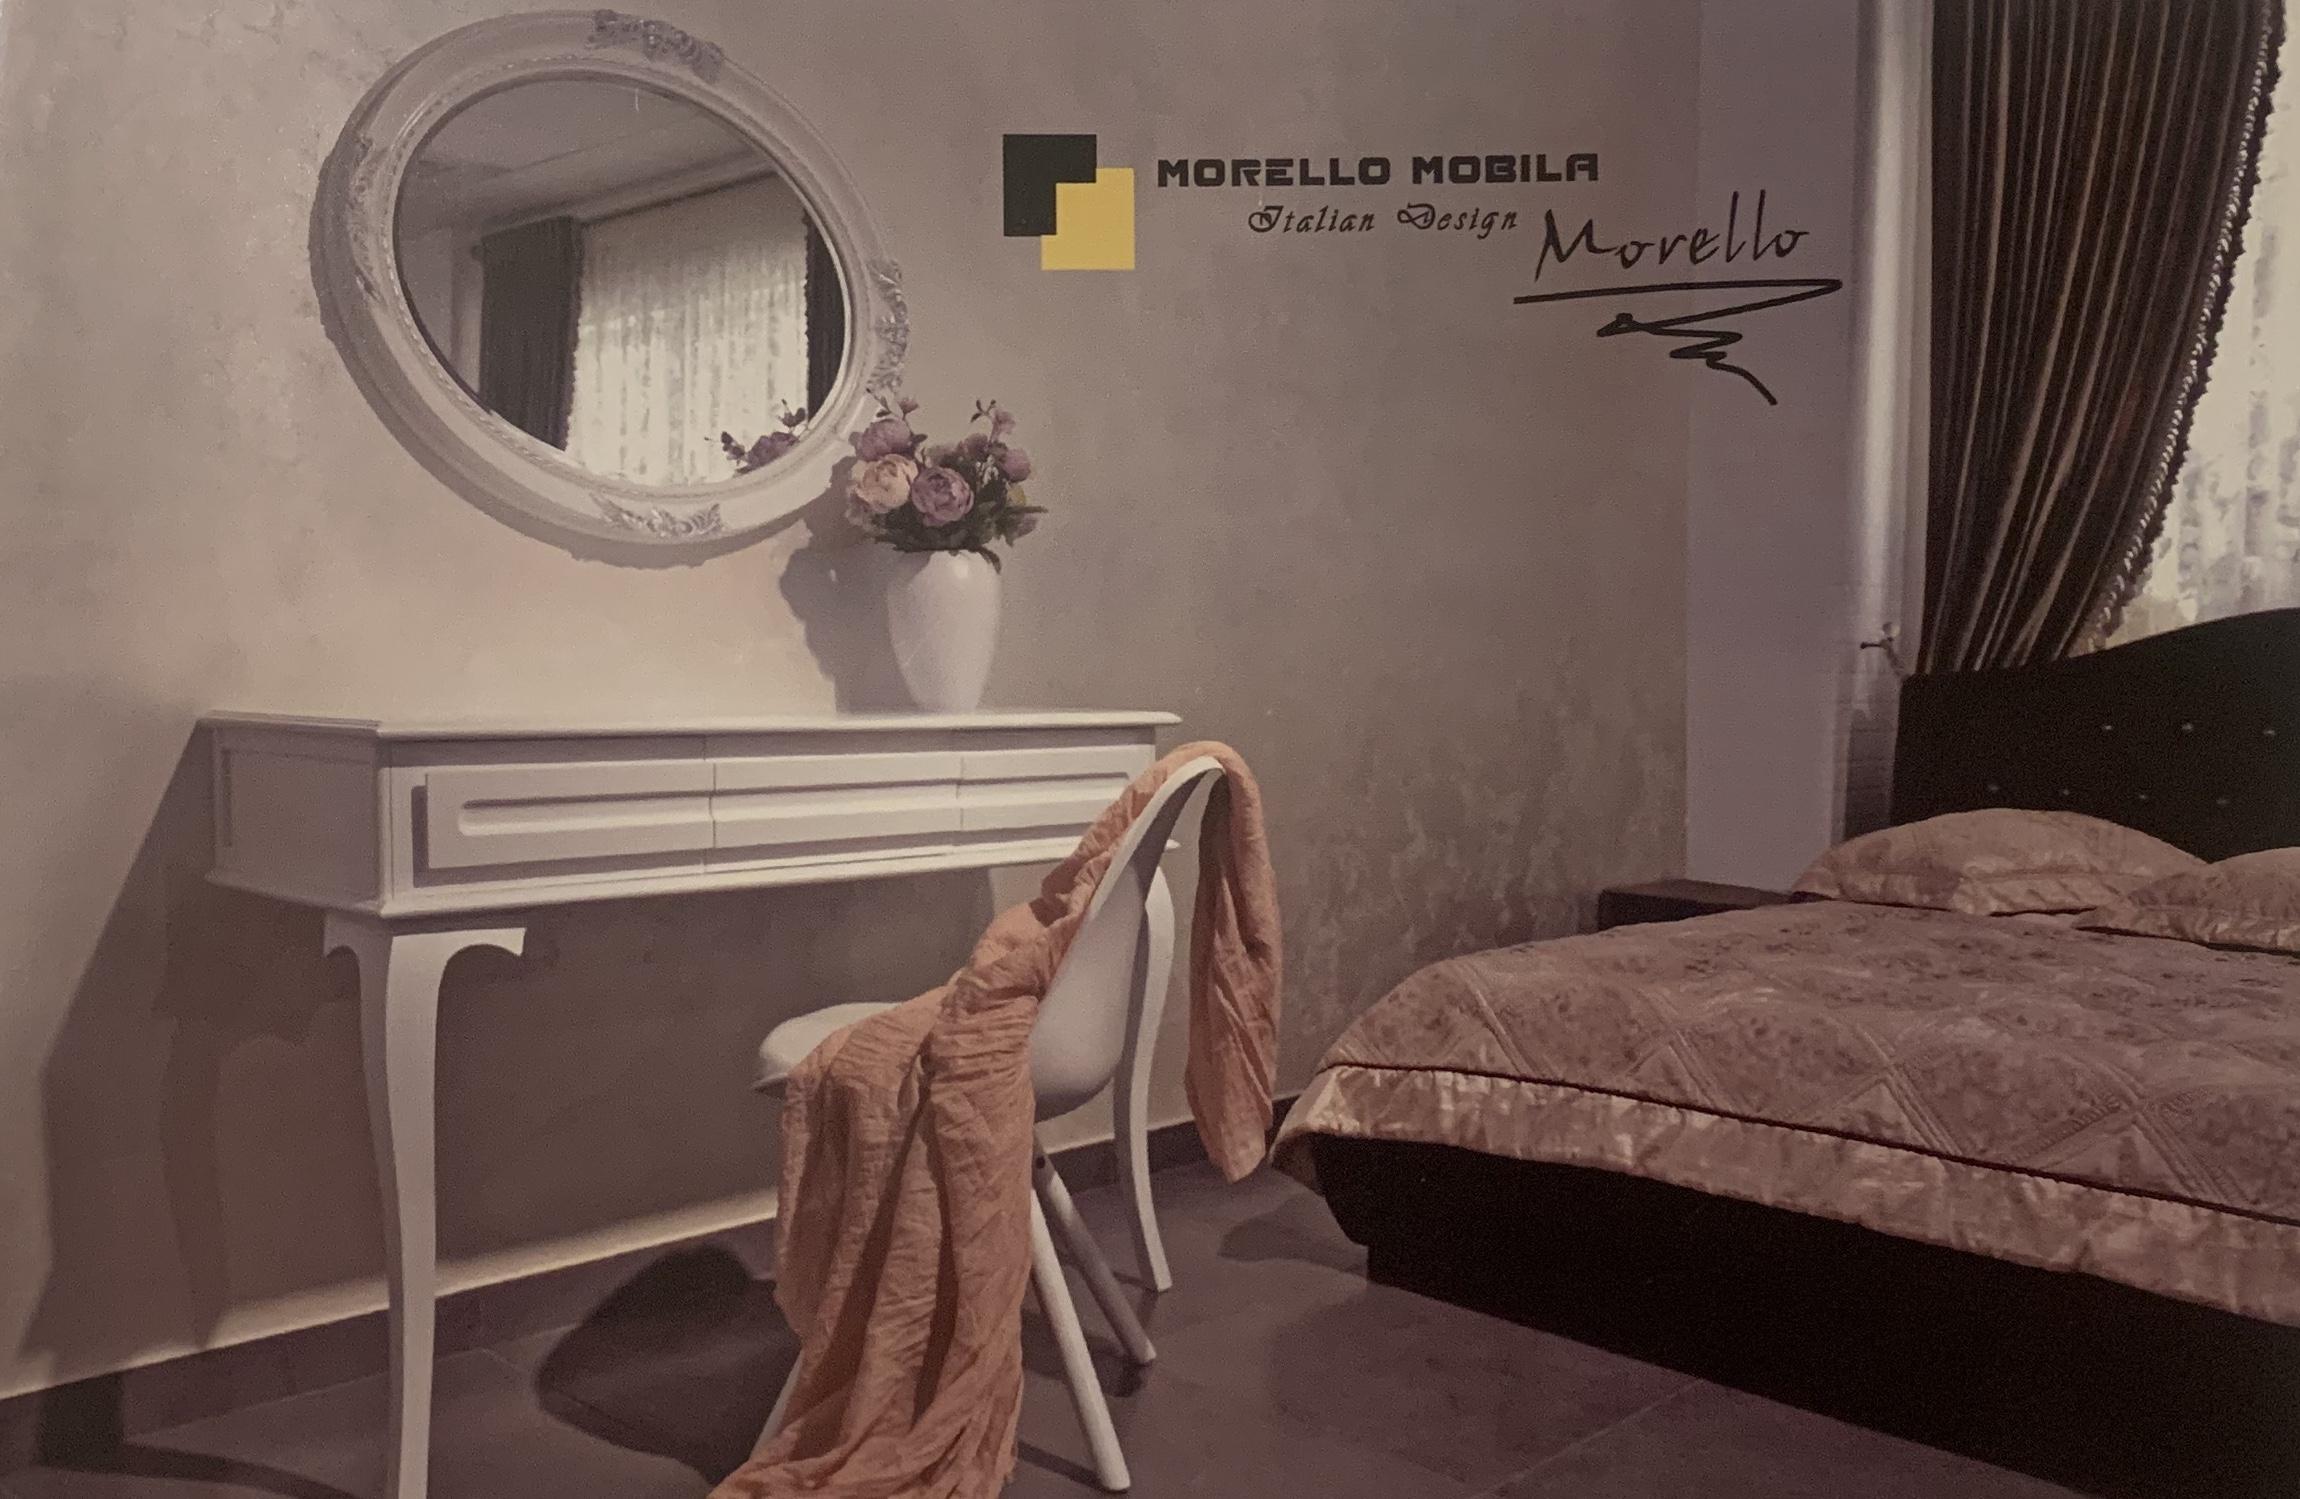 Morello Mobila